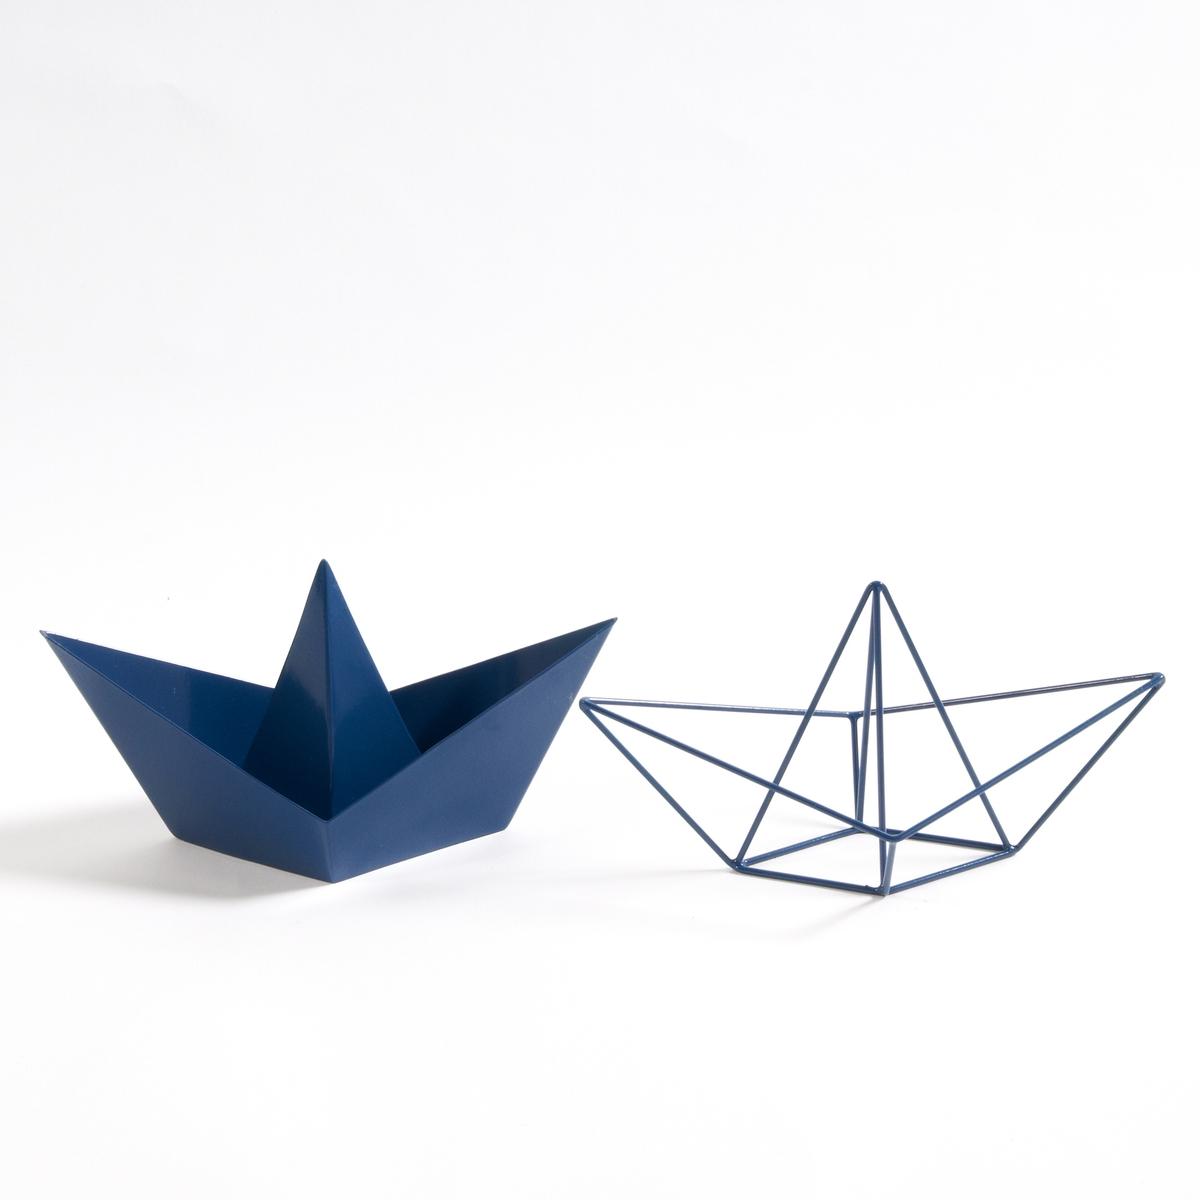 2 металлические лодки в стиле оригами Gayoma